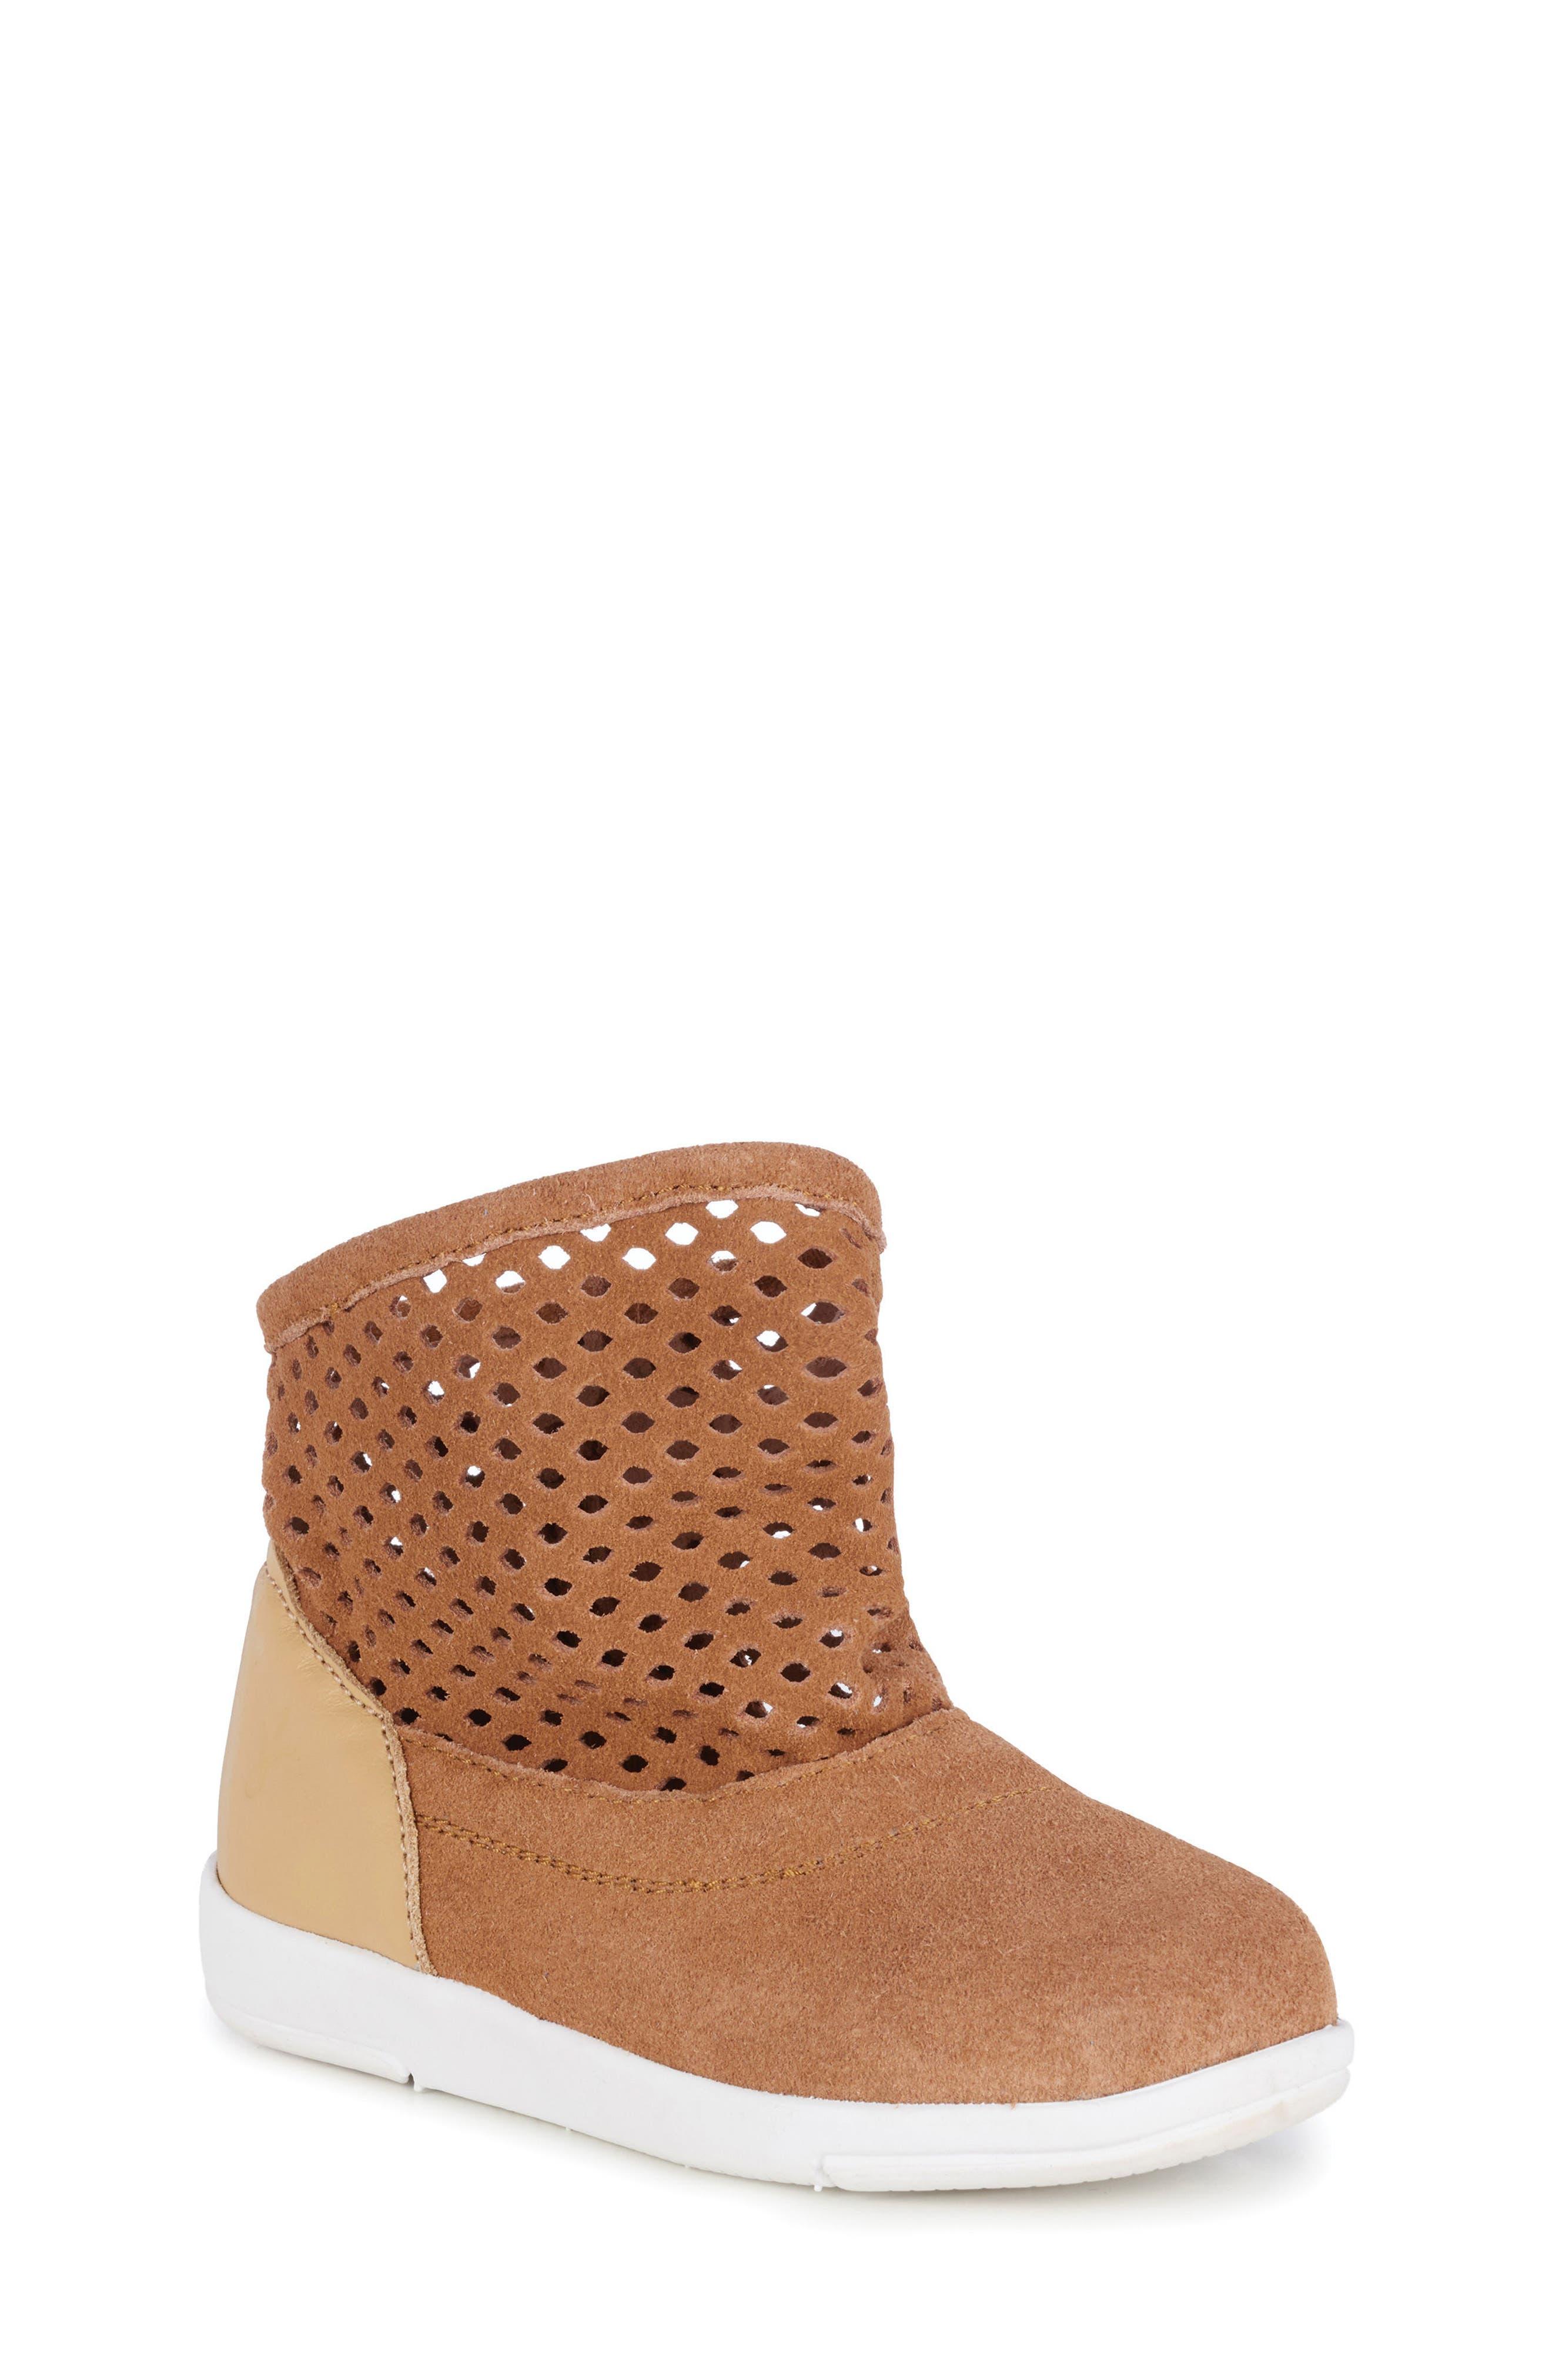 Numeralla Boot,                         Main,                         color, 200